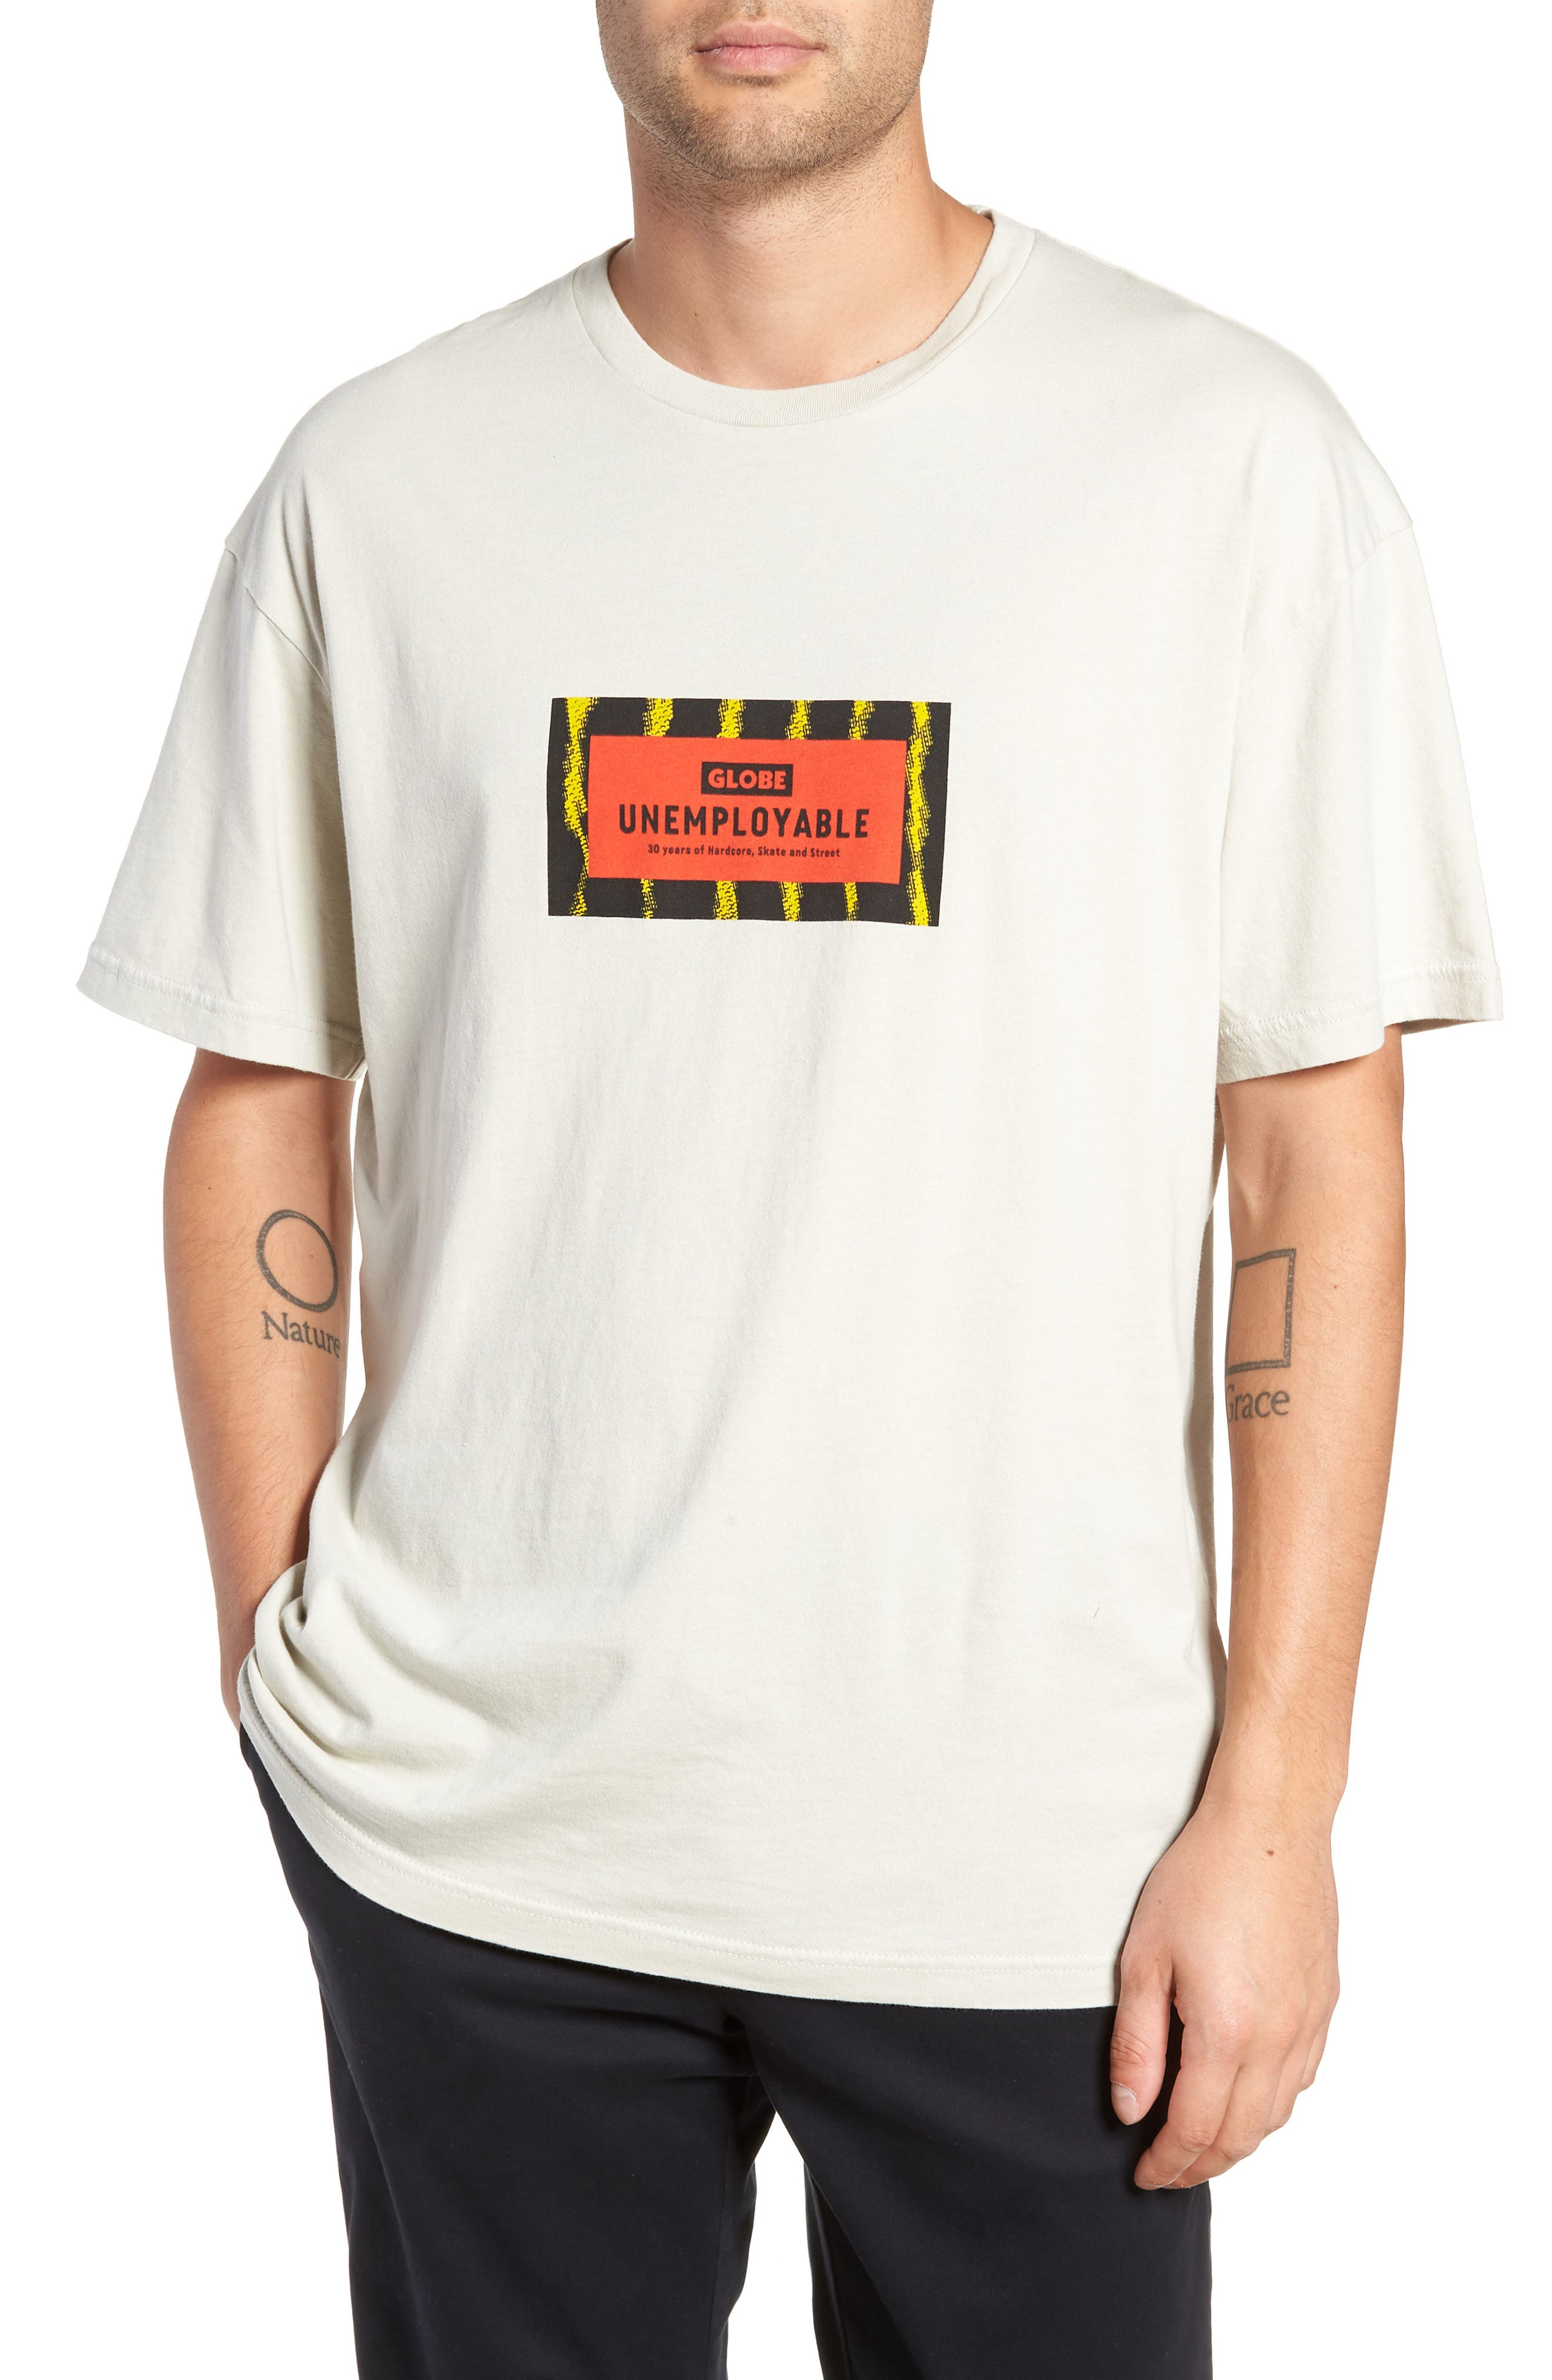 GLOBE Unemployable Captain T-Shirt, Main, color, 900